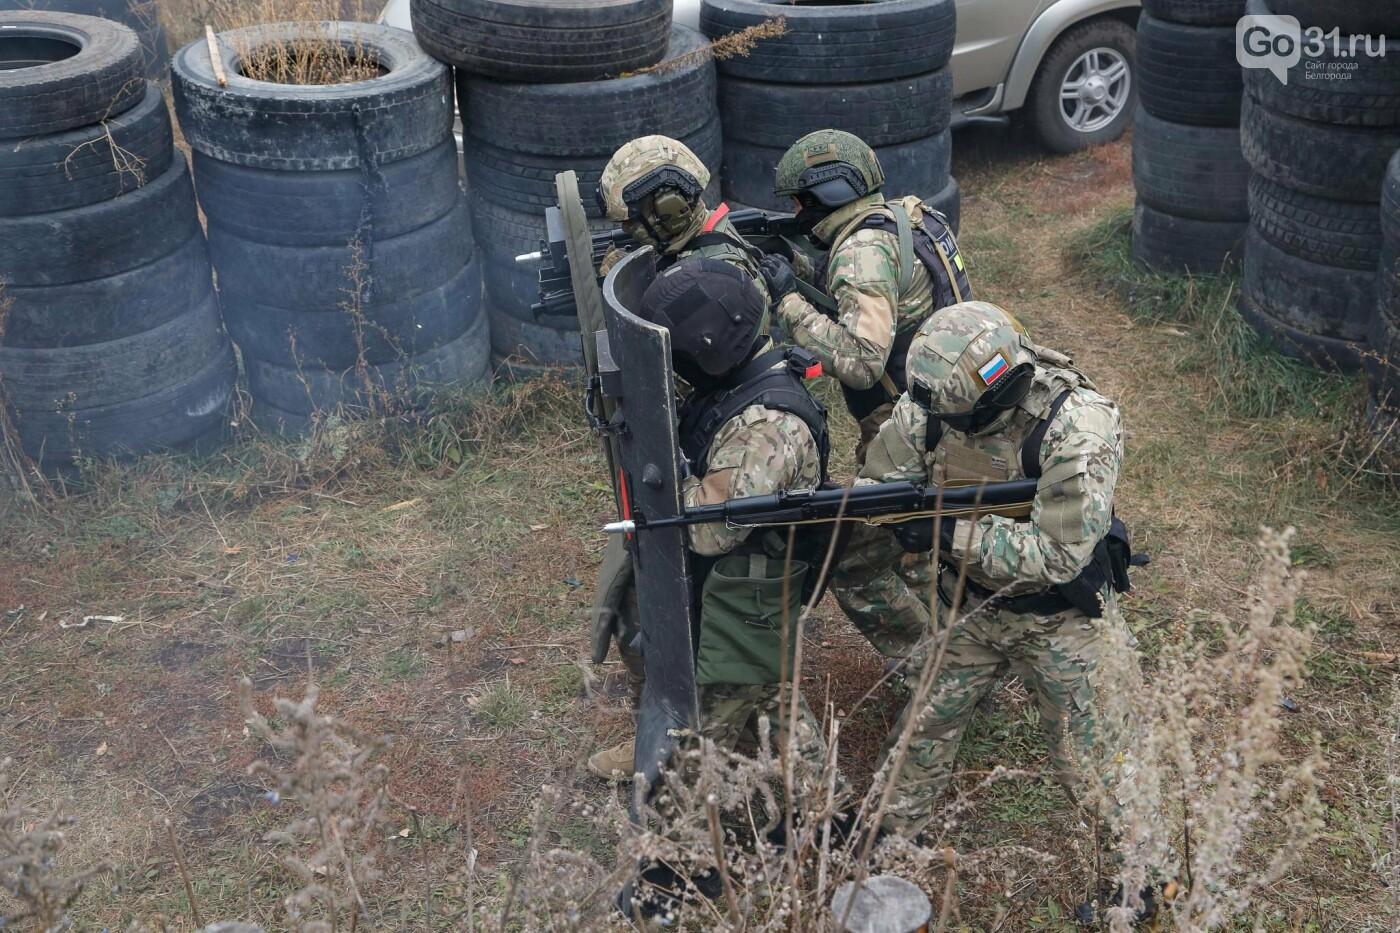 Под Белгородом прошли тактико-специальные учения ОМОНа, фото-18